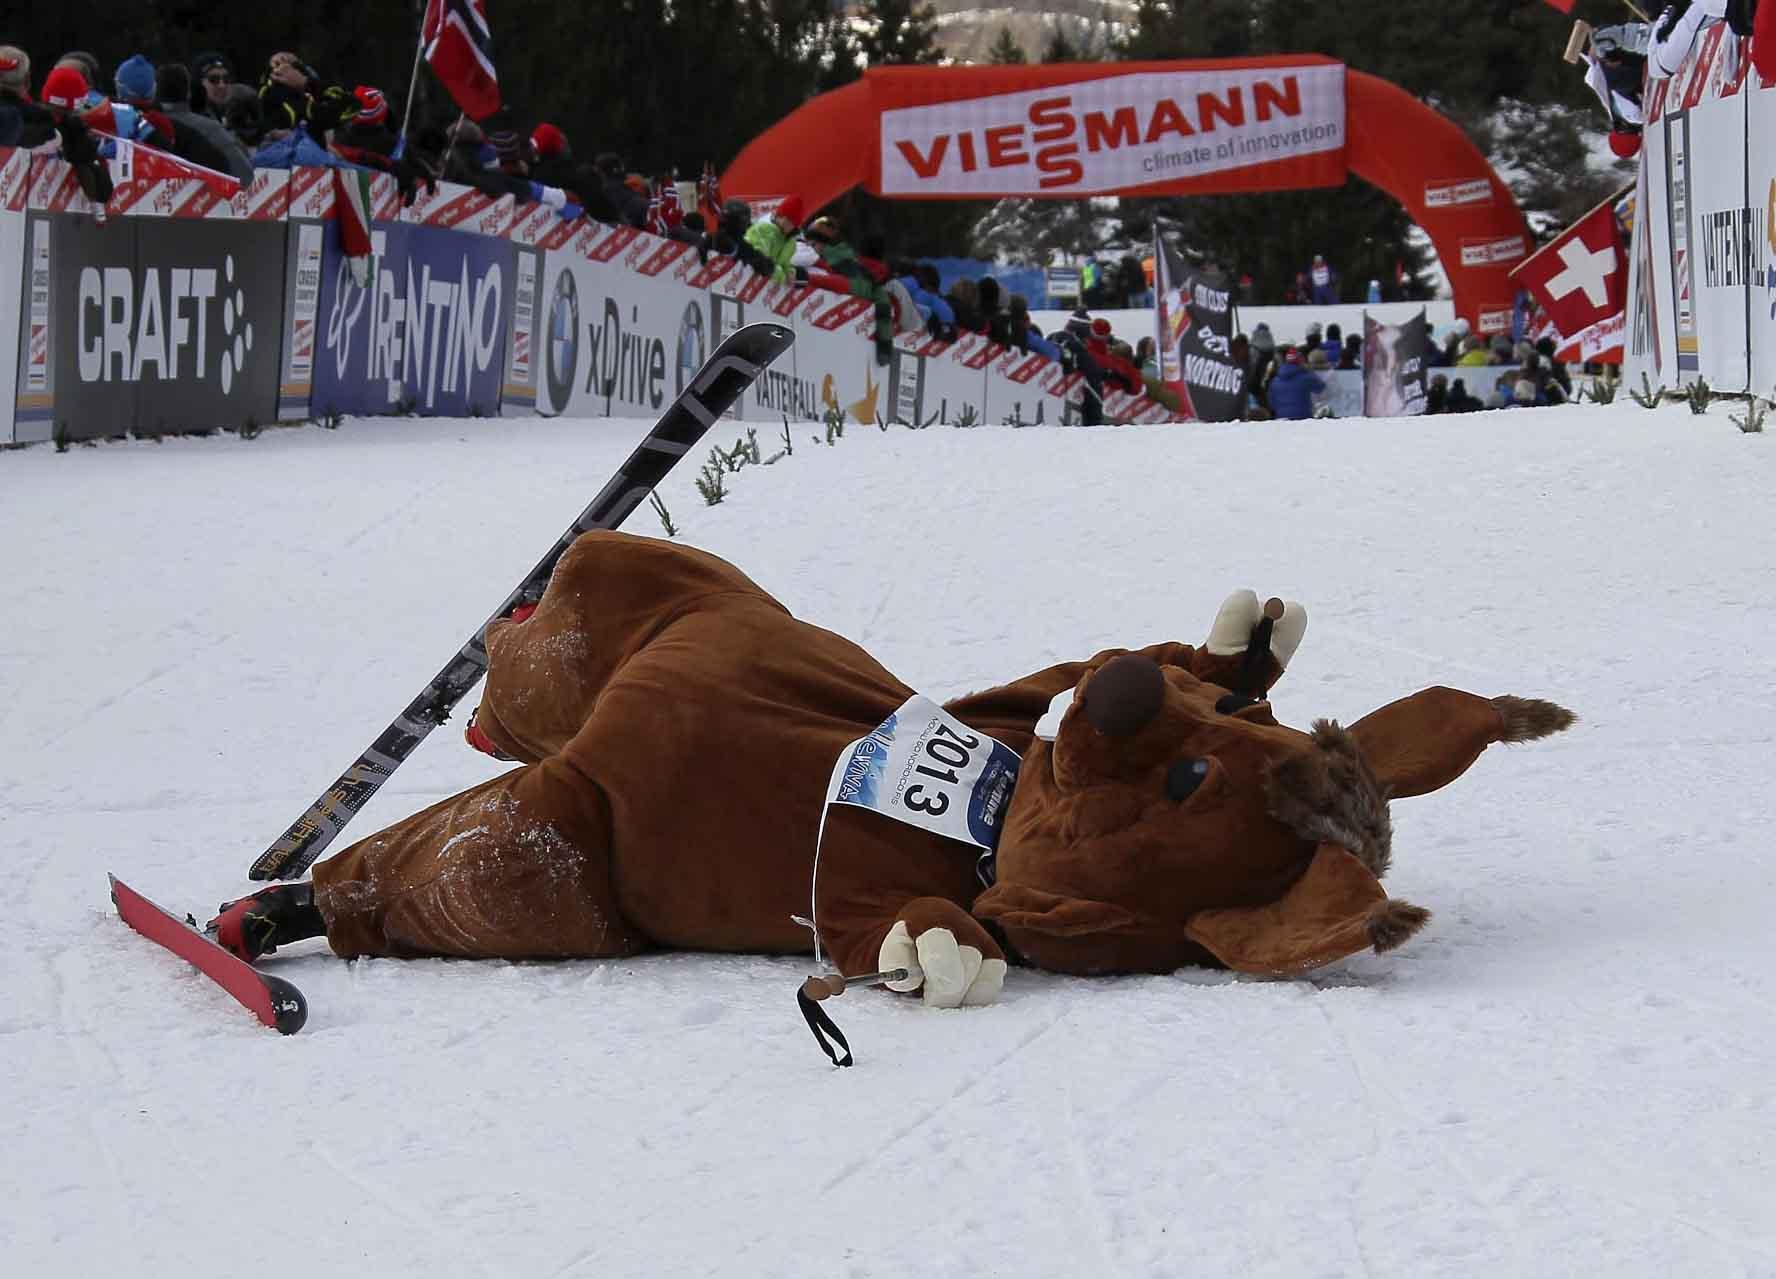 Val di Fiemme - Anche lo Skiri cade sfinito nella salita finale del Tour de Ski 2012